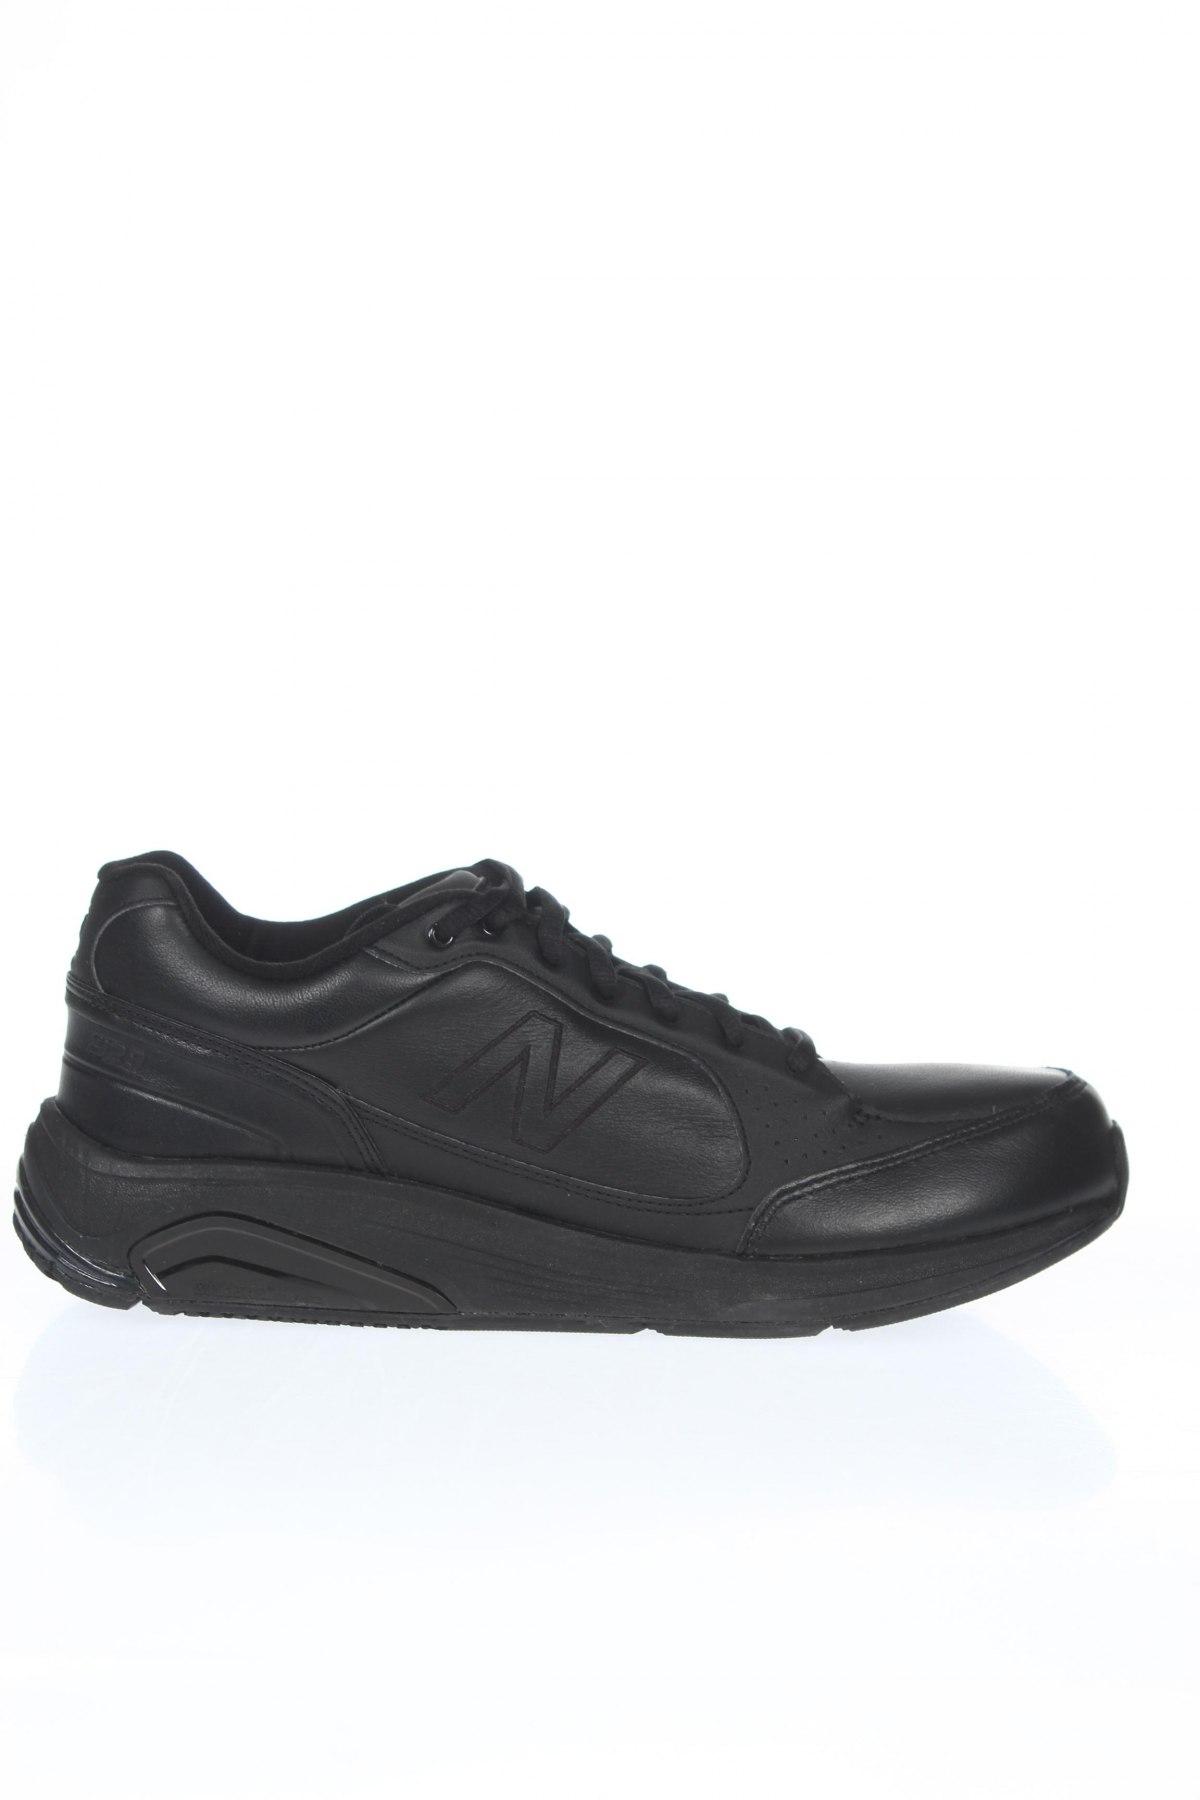 Férfi cipők New Balance - kedvező áron Remixben -  103784967 1c6d285a85